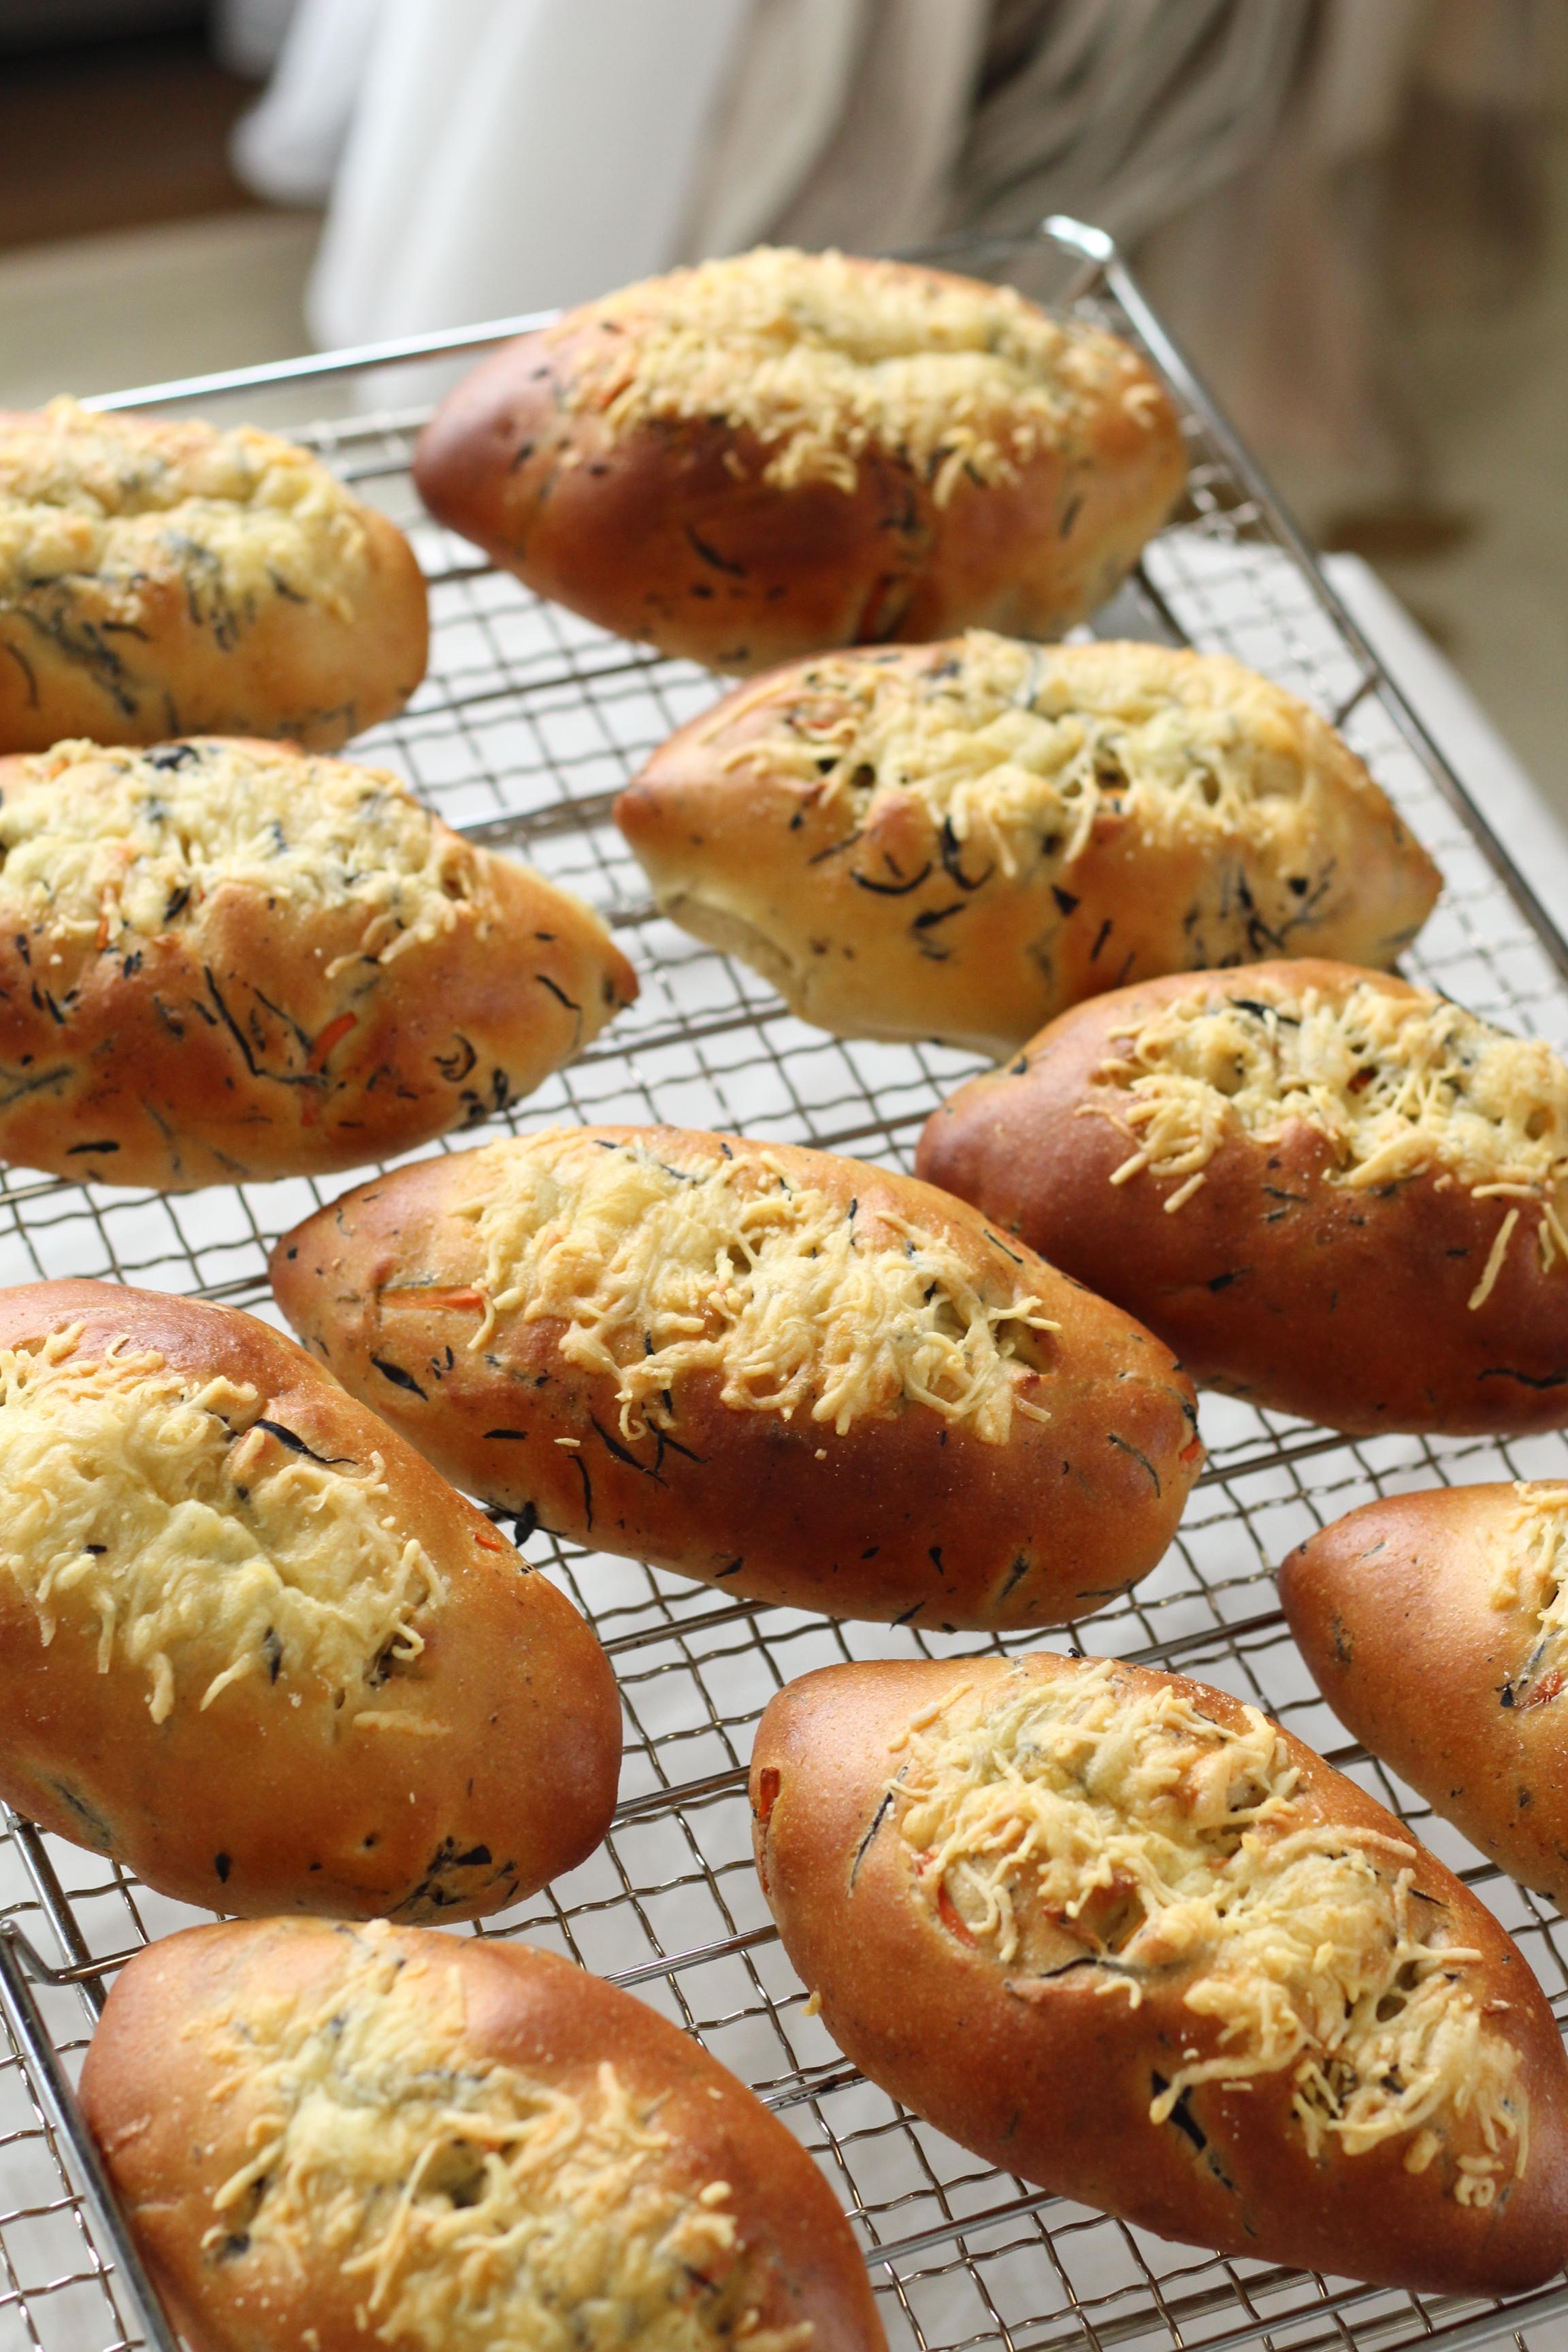 京都江部粉・糖質制限ベーシックコース。ひじきブレッド&クリームパン